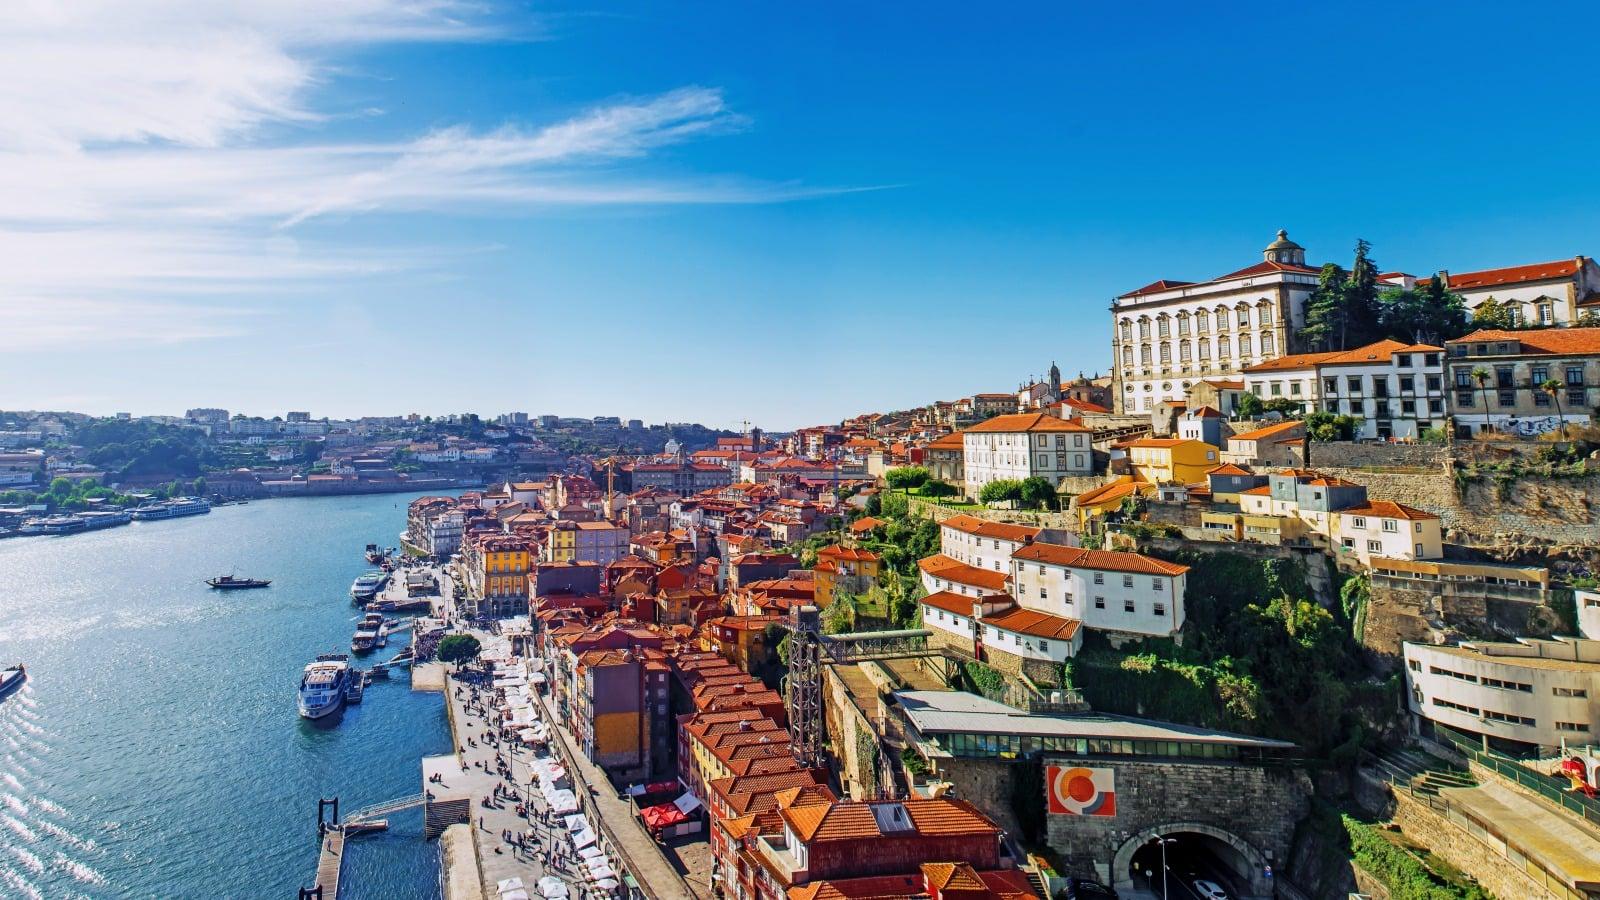 ポルトガルの行ってみたい観光地16選!ここはヨーロッパの隠れた名所